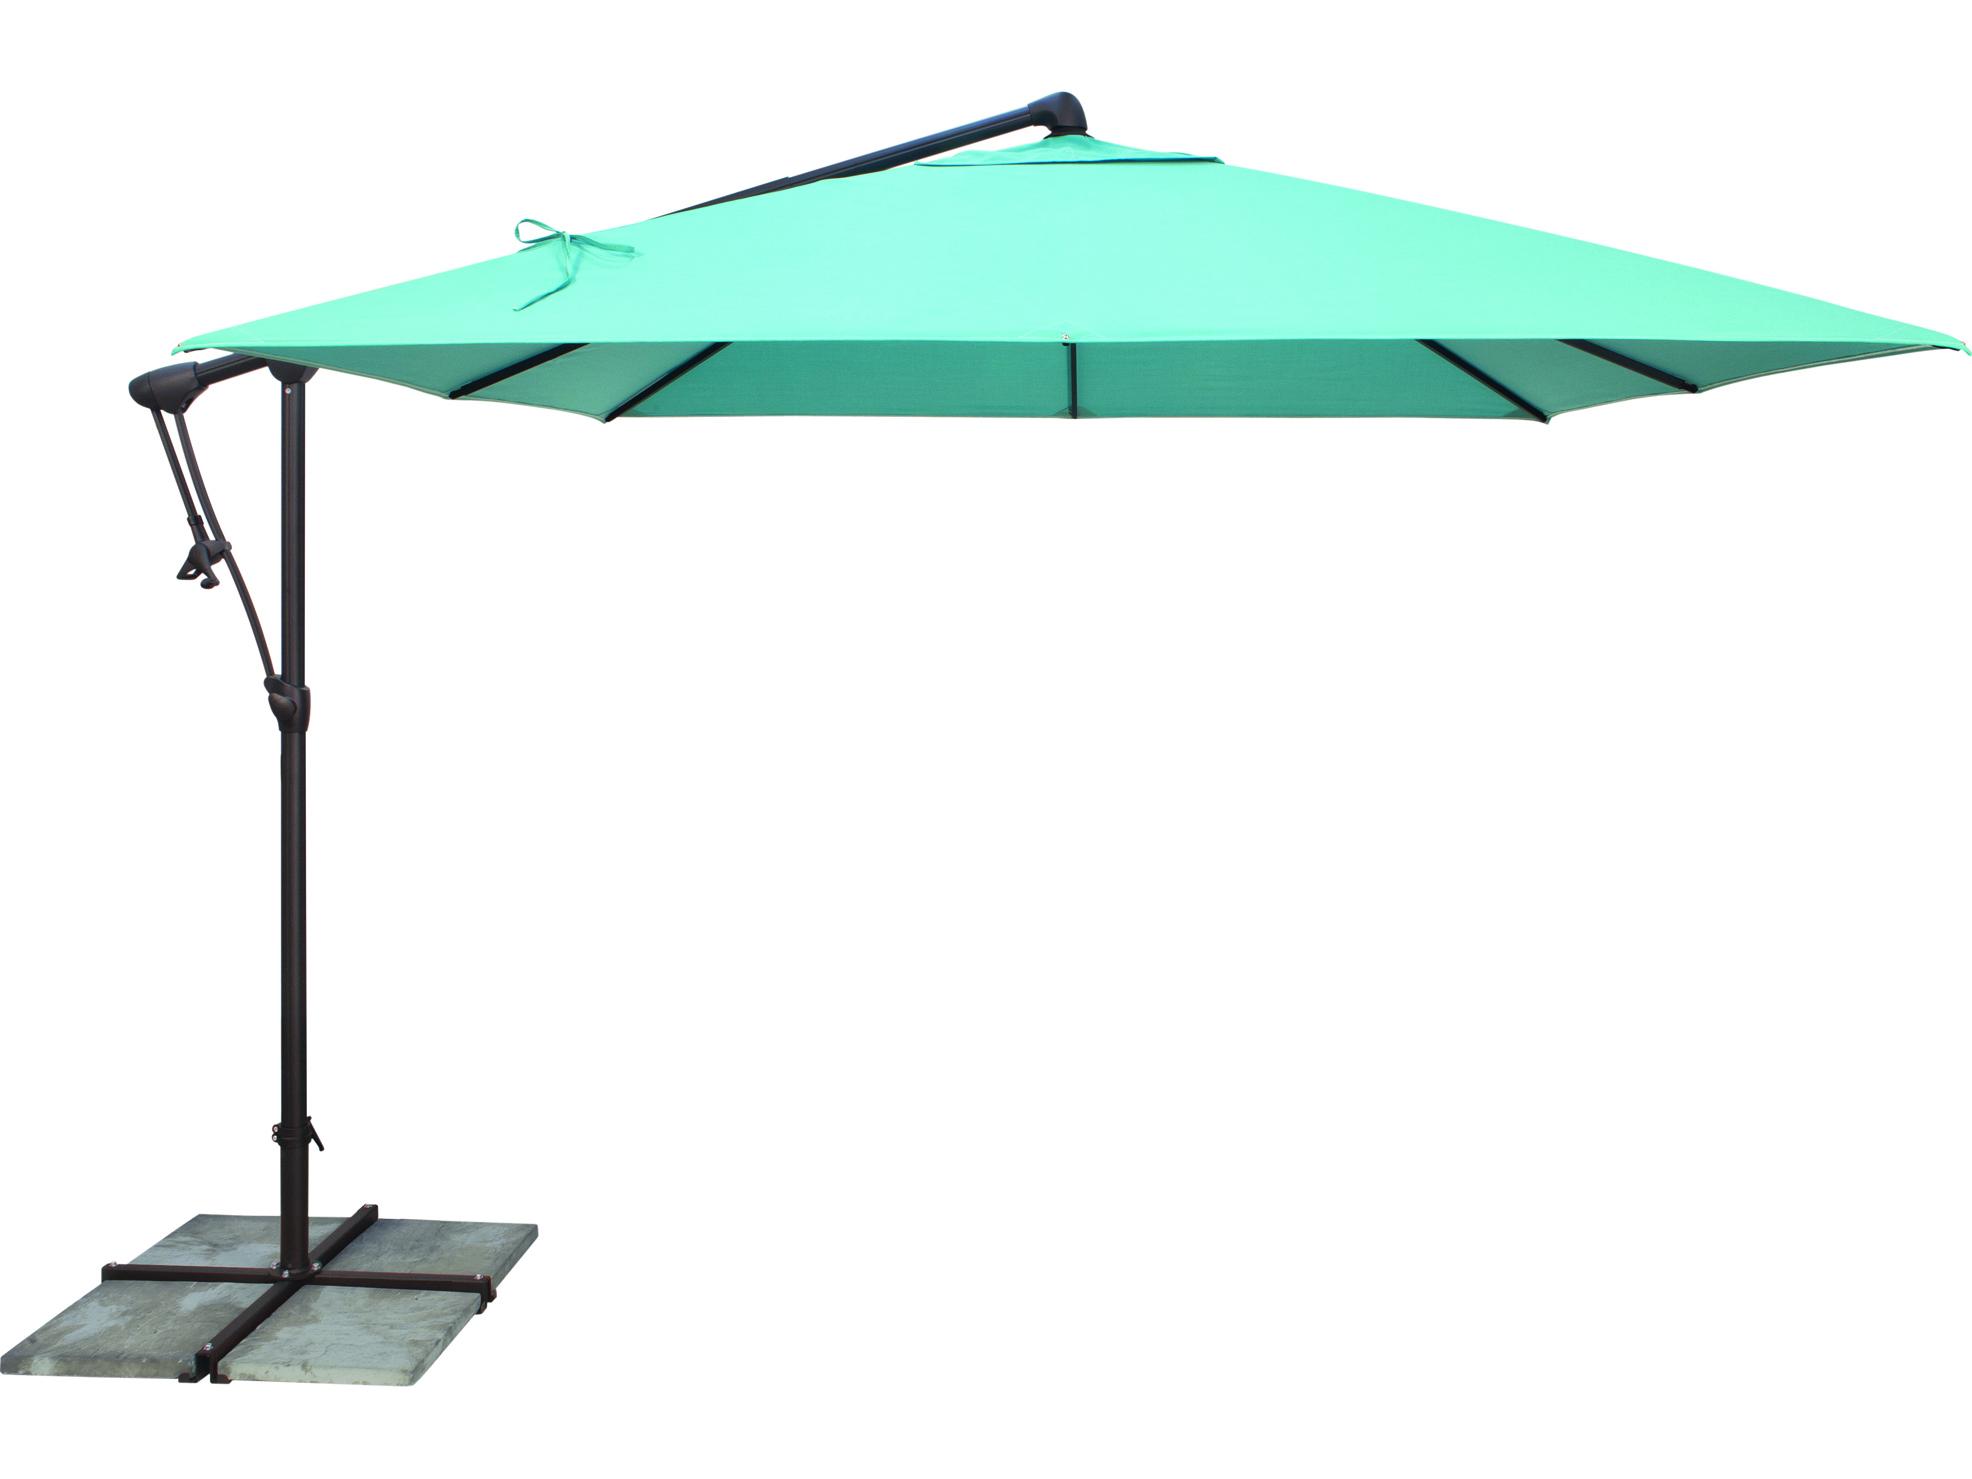 Garden Umbrella Base Wickes: Treasure Garden Cantilever Aluminum 8.5 Foot Wide